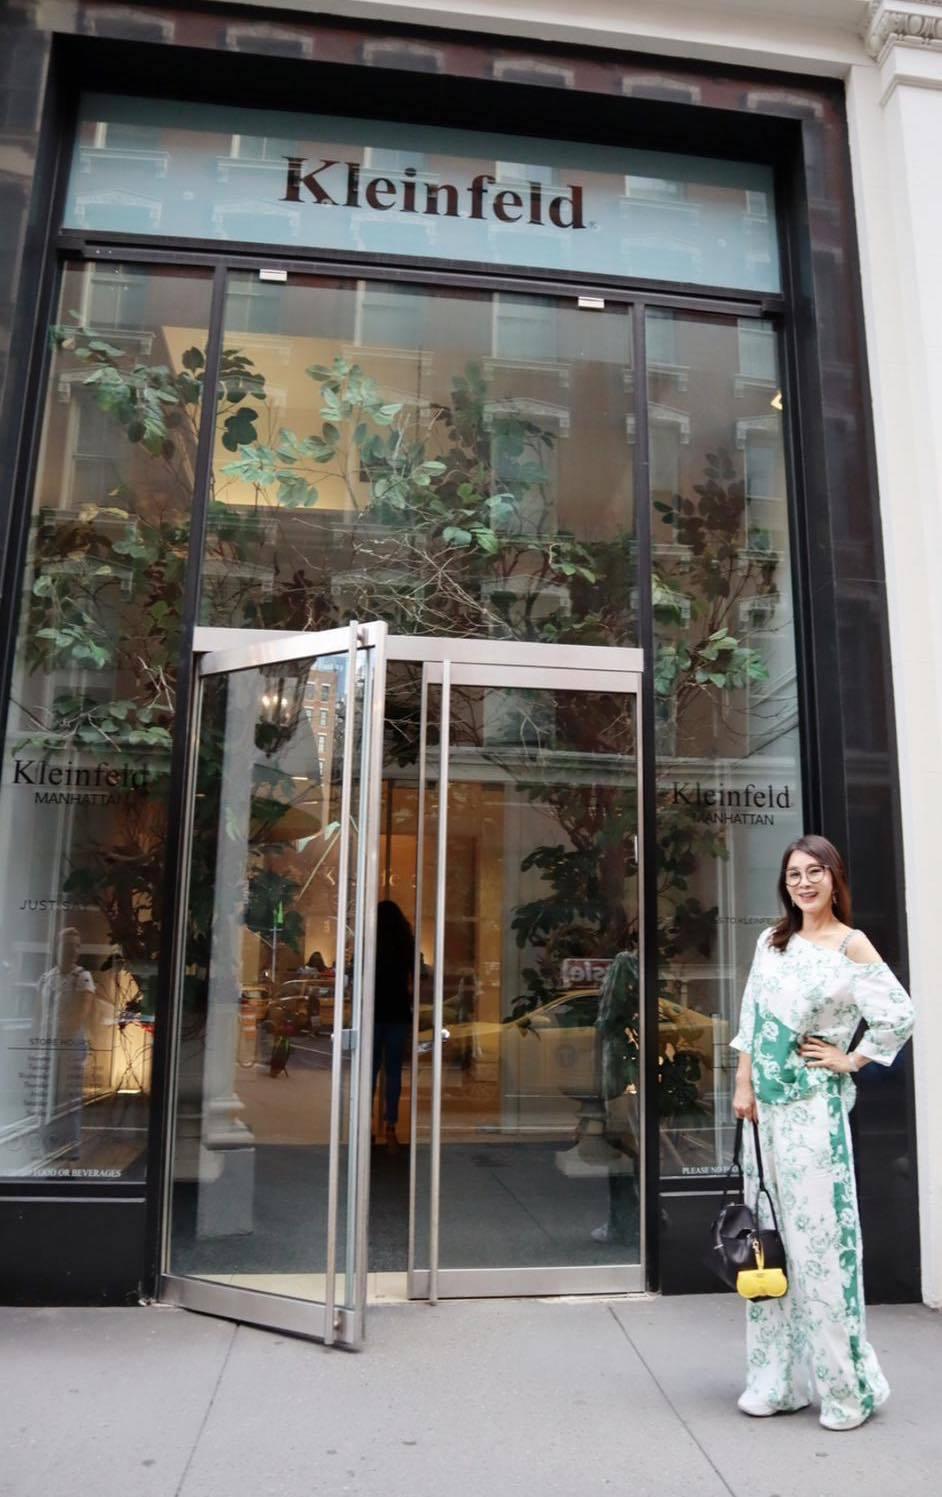 陳美鳳在紐約知名婚紗禮服店挑選婚紗。 圖/擷自陳美鳳臉書